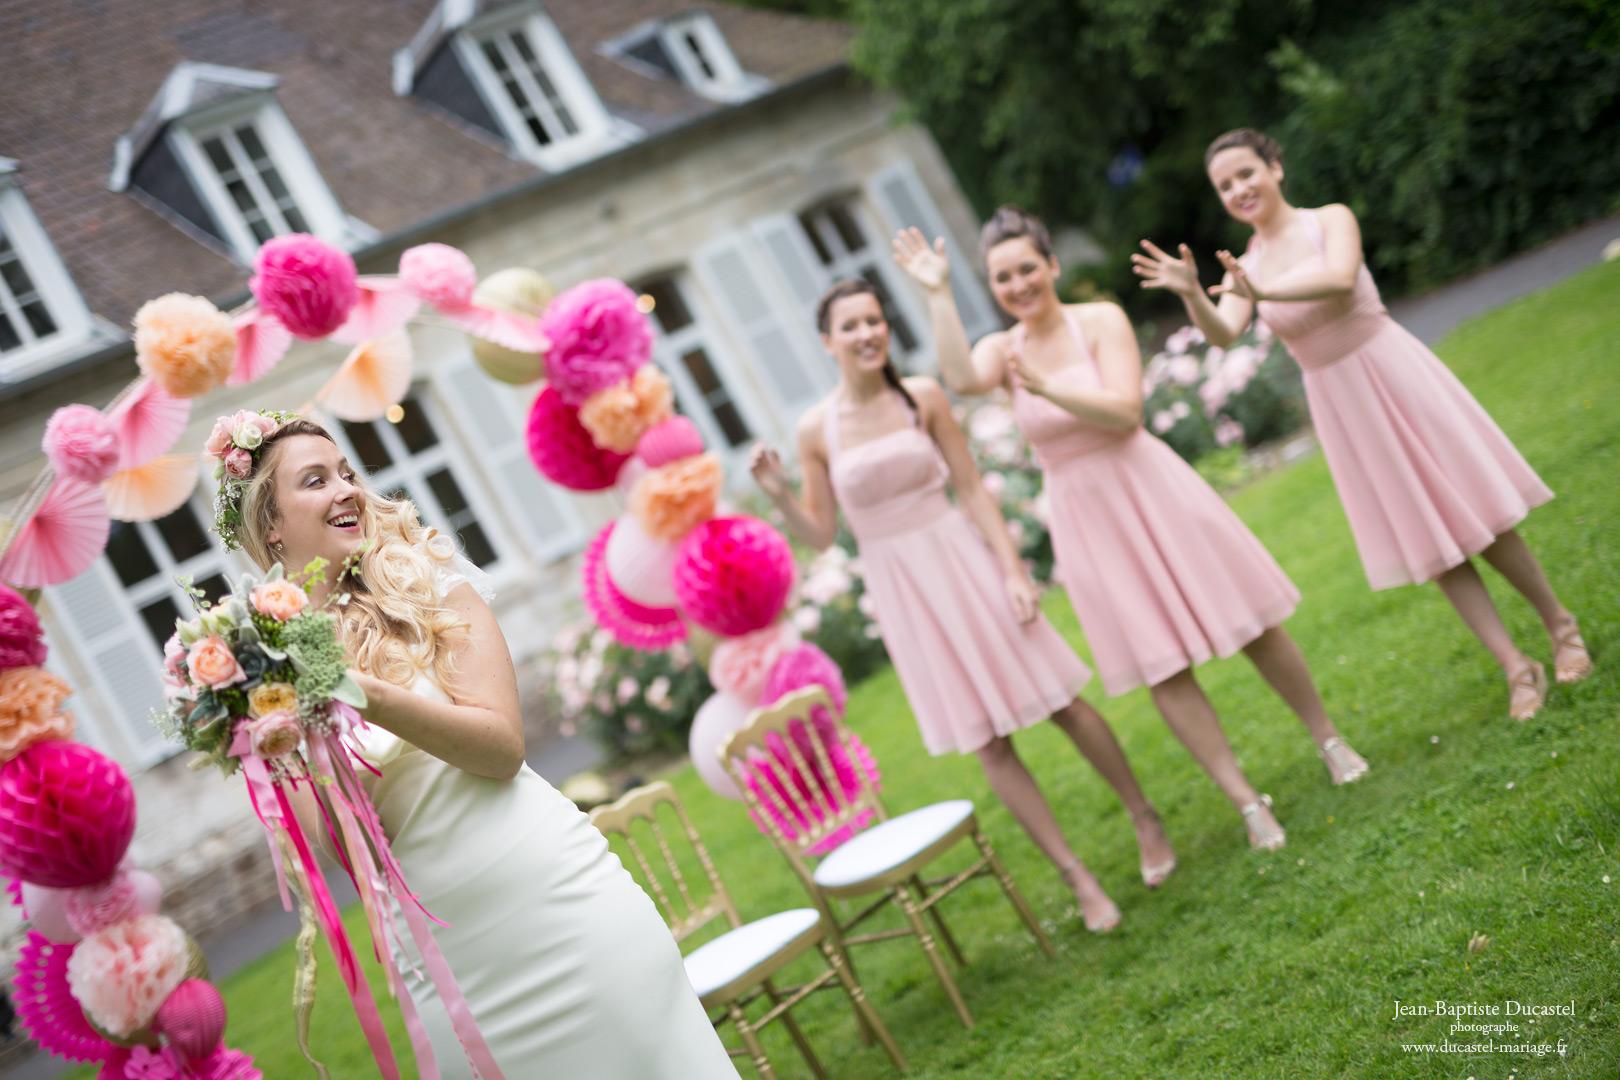 Photographe : Jean-Baptiste Ducastel Décoration: Marie POPin'S Event - Robes: Le Chat Défile - Coiffure : Hair Evasion - Maquillage: Oh miroir !!! Fleurs: Au Rallye Floral Mobilier et Vaisselle: Bultel Location